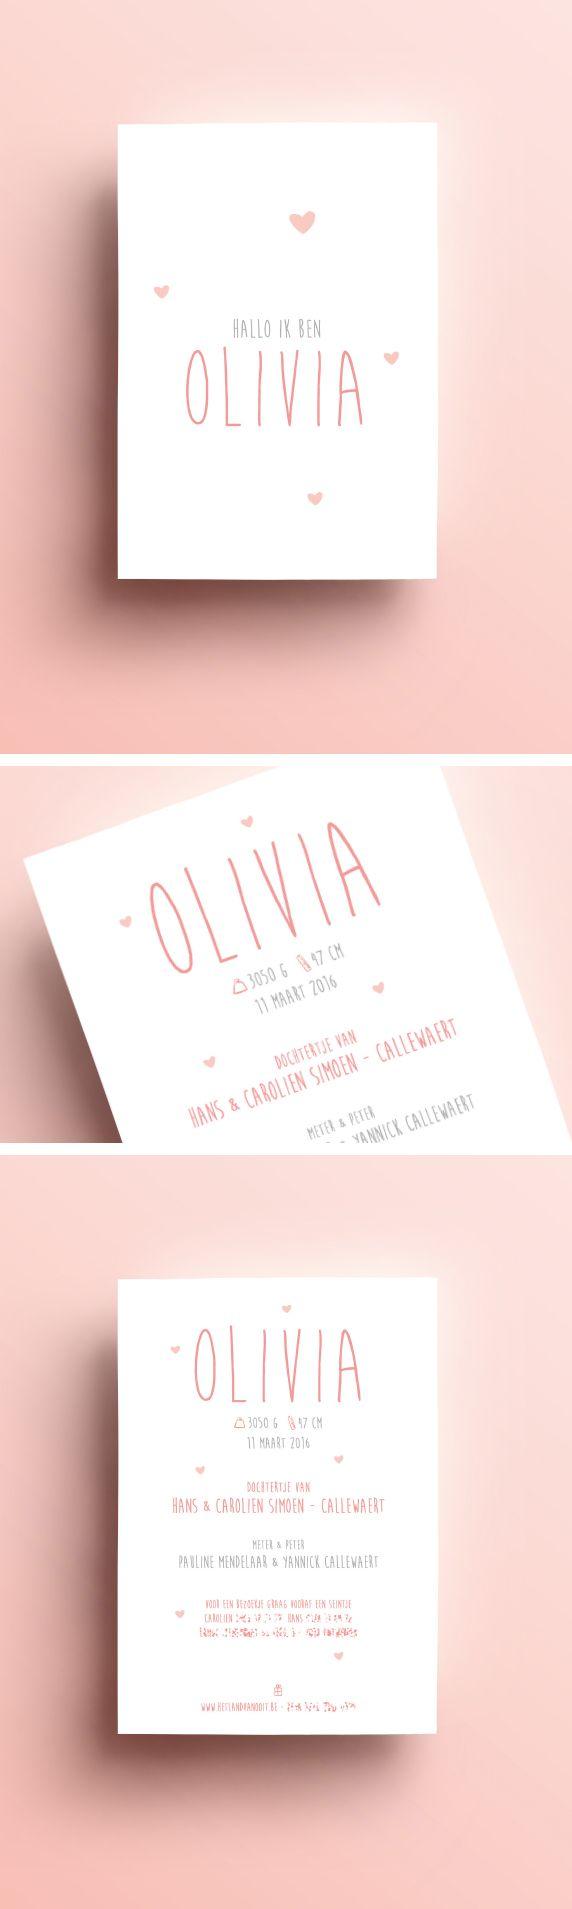 Hallo ik ben Olivia pink // roos // girl // meisje //hartjes // olivia // te schattig // geboortekaartje